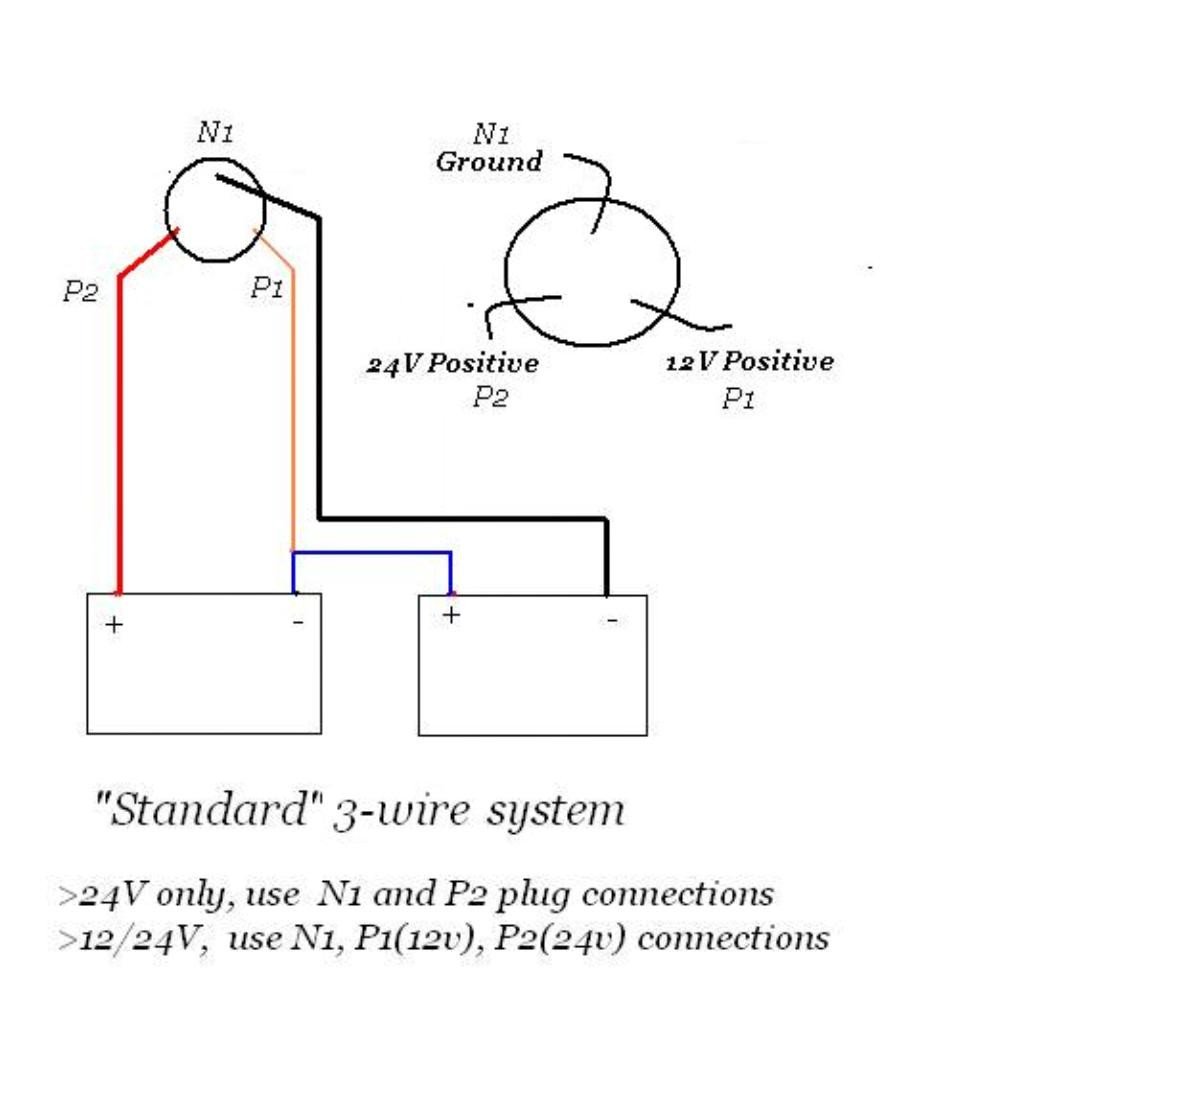 minn kota trolling motor wiring diagram Collection-Labeled minn kota 24v trolling motor wiring diagram minn kota edge trolling motor wiring diagram minn kota trolling motor plug wiring diagram 9-f